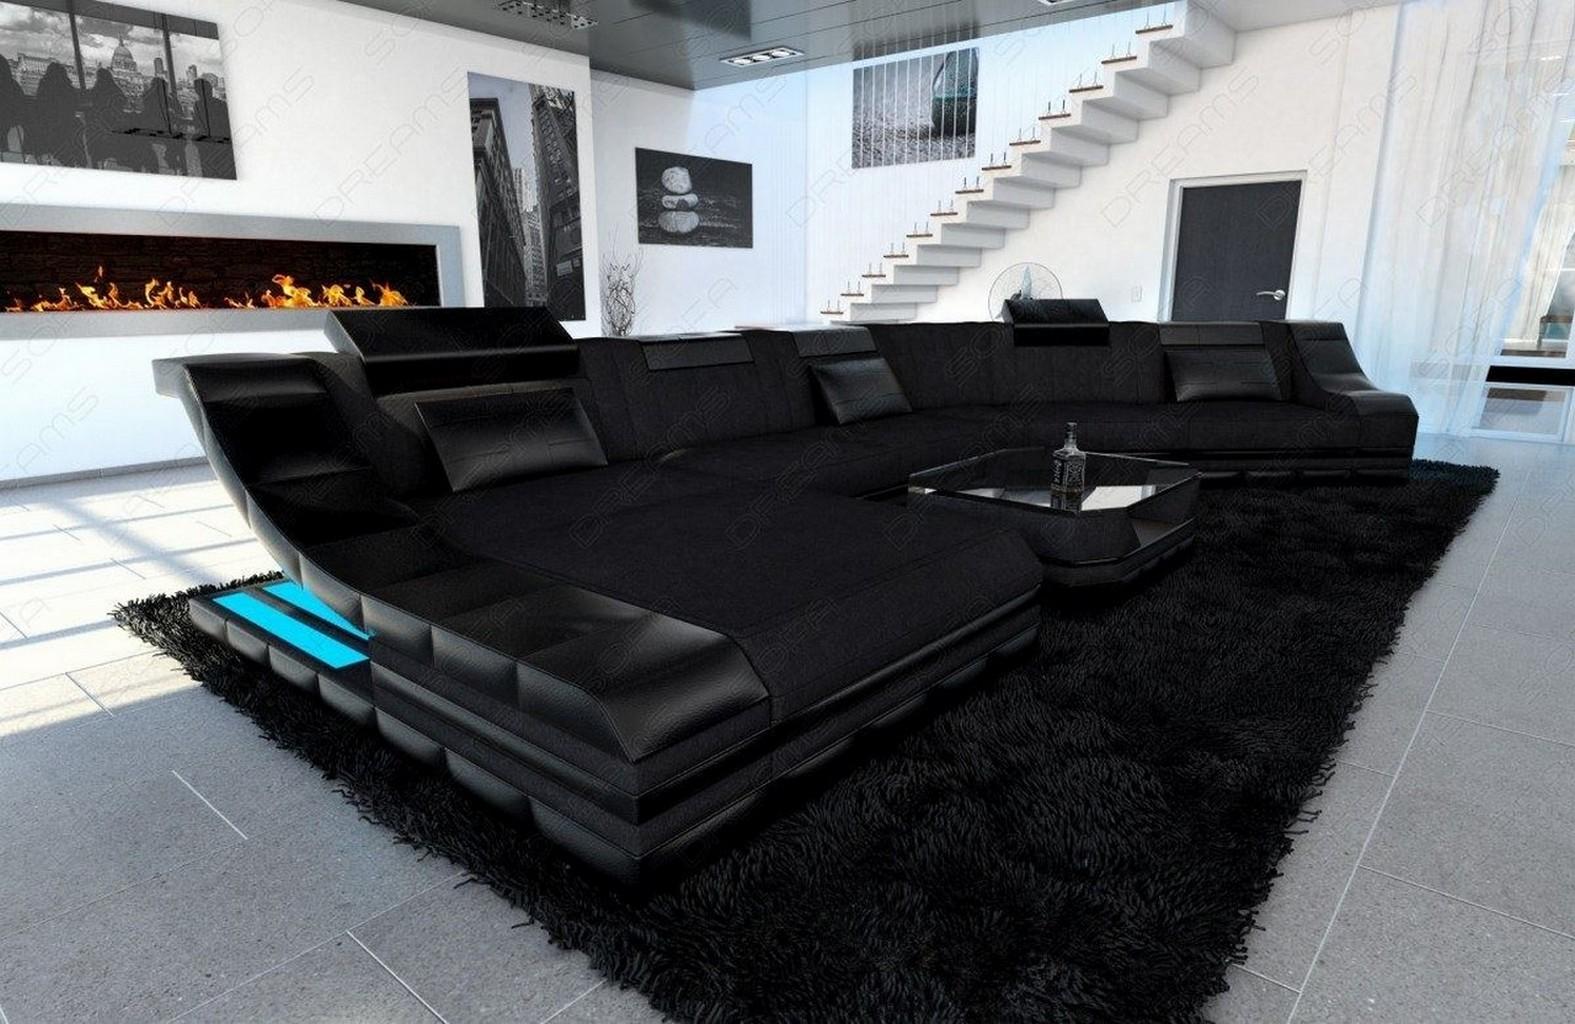 dunkle flecken auf der haut abdecken plane. Black Bedroom Furniture Sets. Home Design Ideas